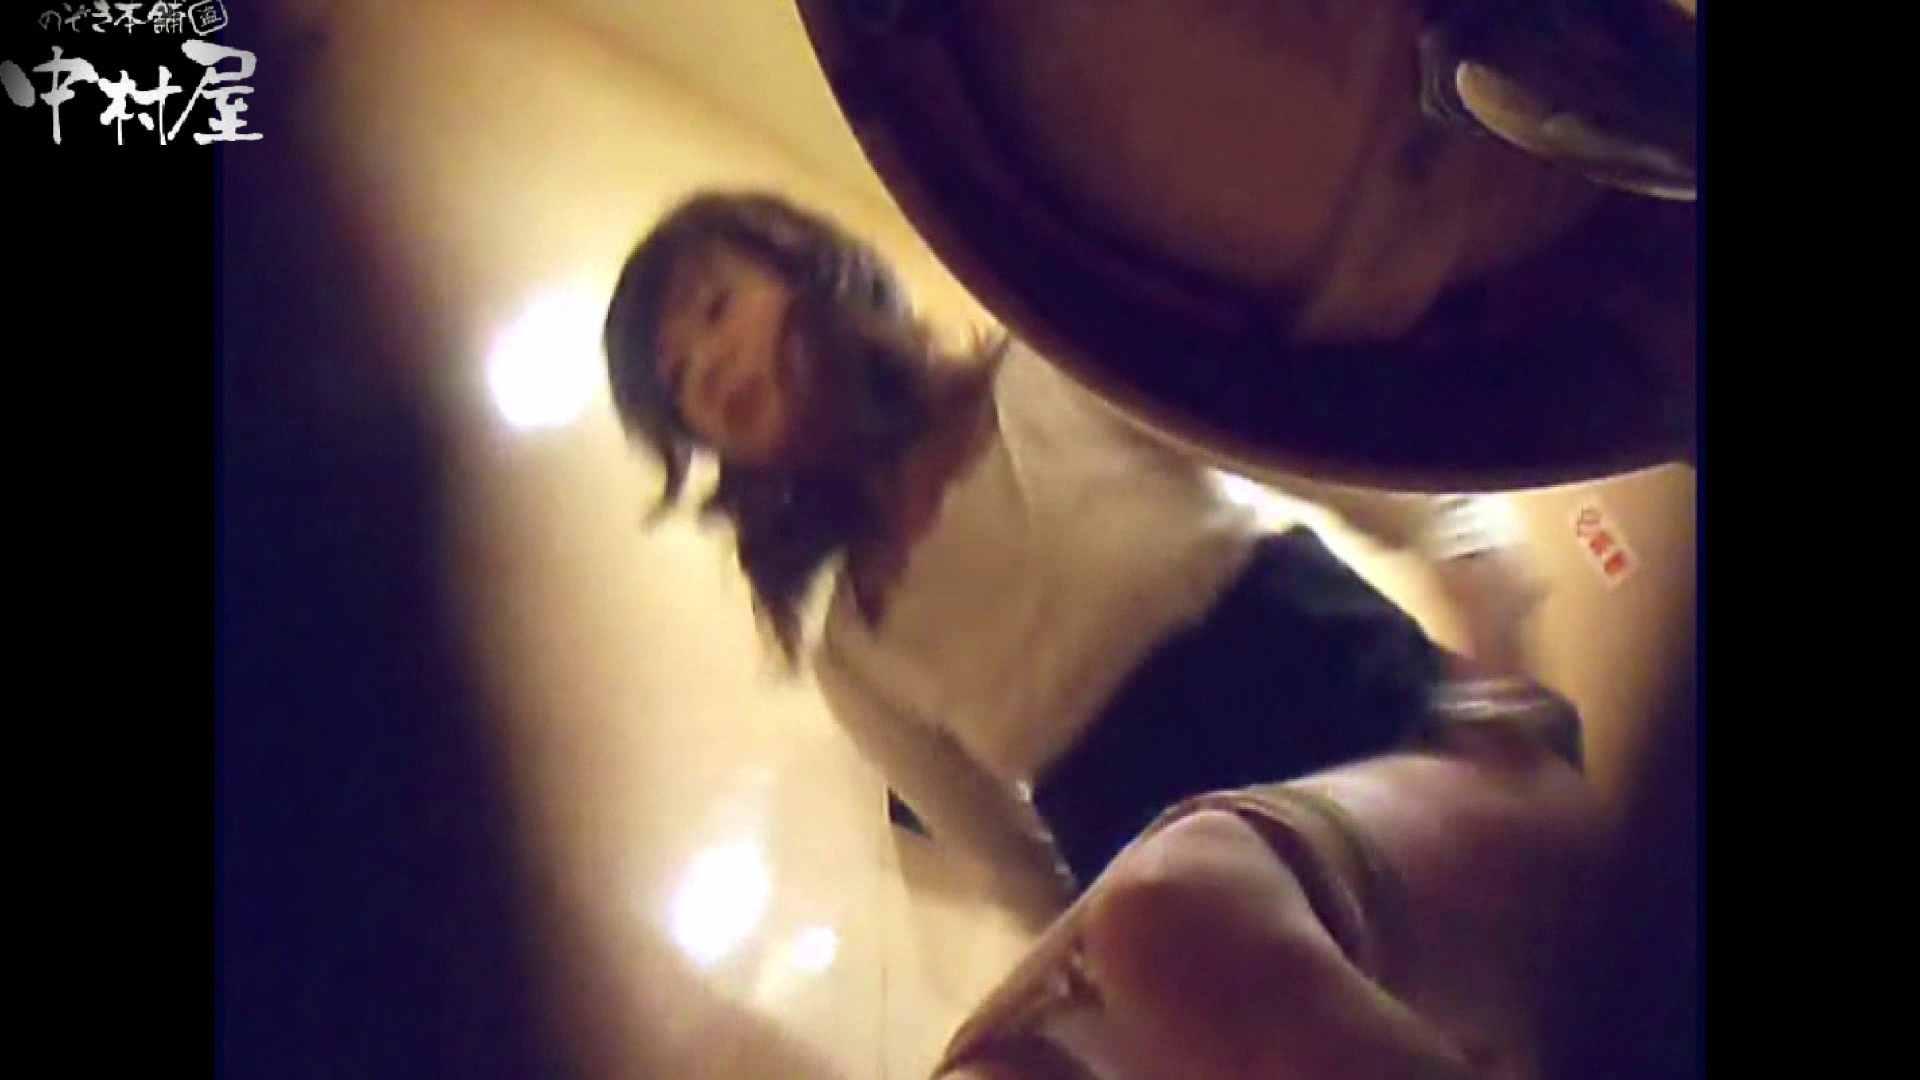 突撃!女子化粧室の真実vol.31前編 熟女のエロ動画 | お姉さんのエロ動画  95PIX 1